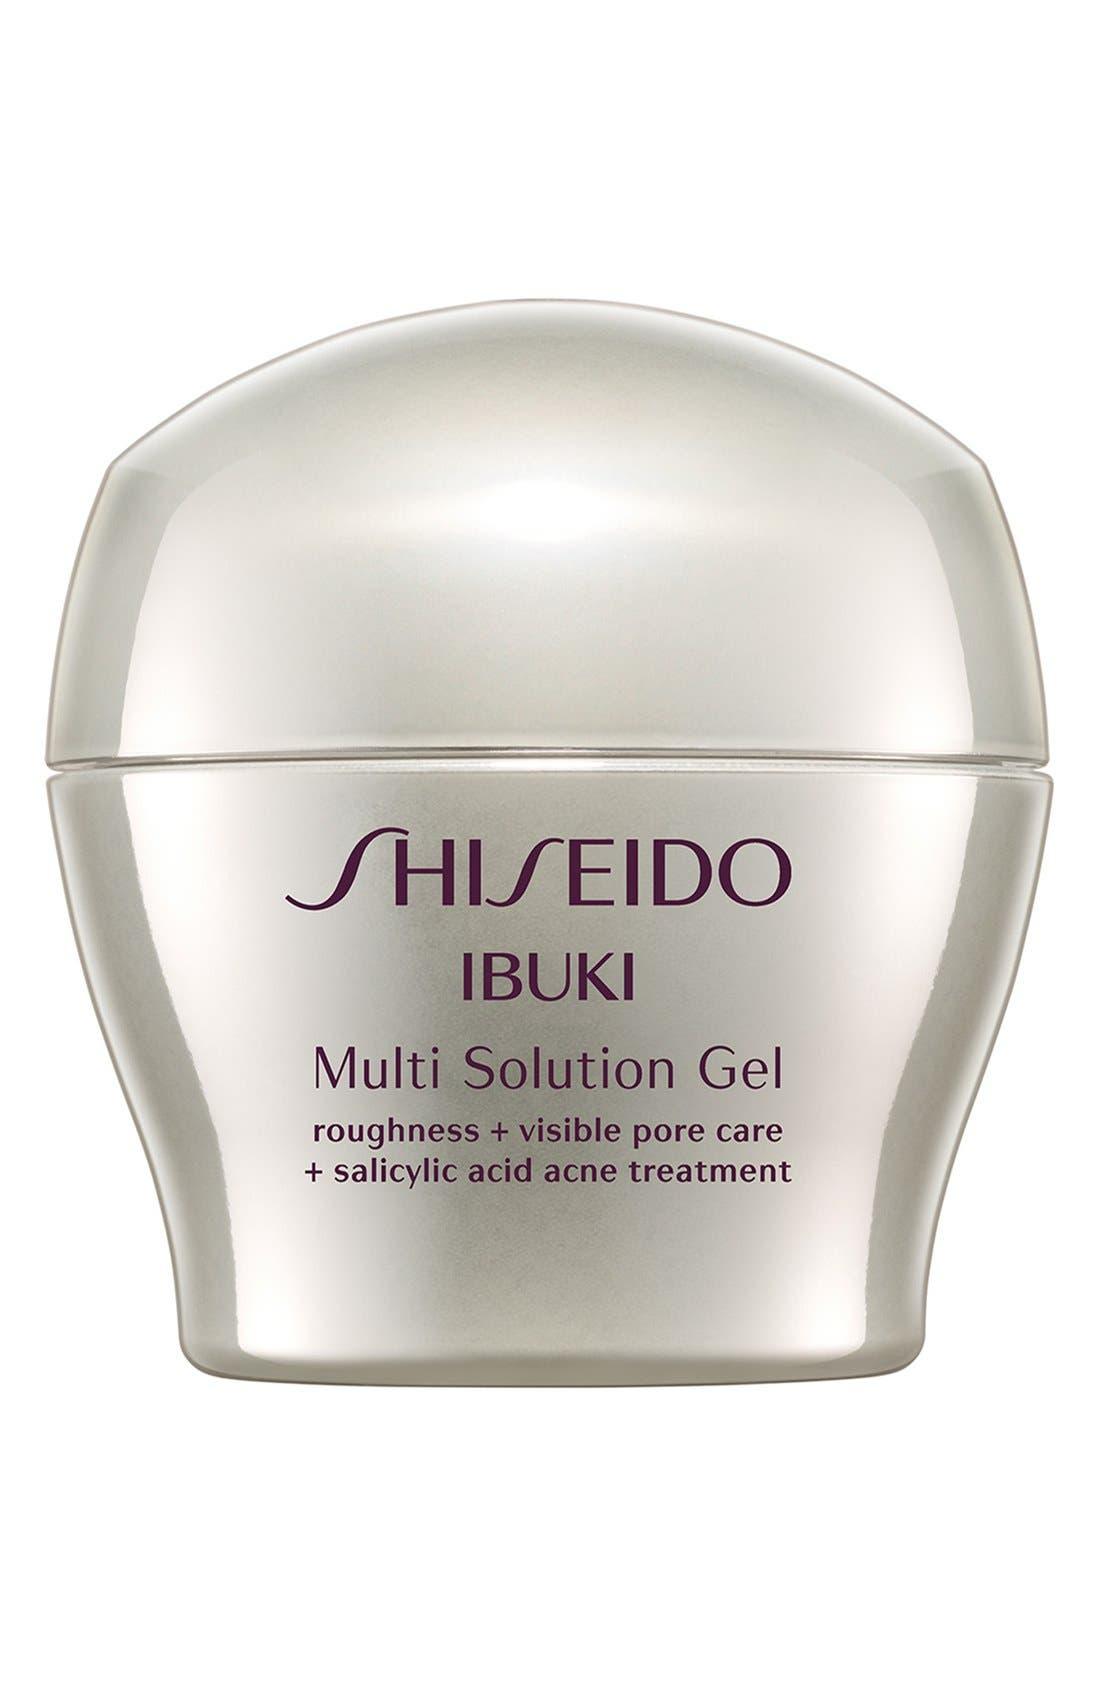 Shiseido 'Ibuki' Multi Solution Gel